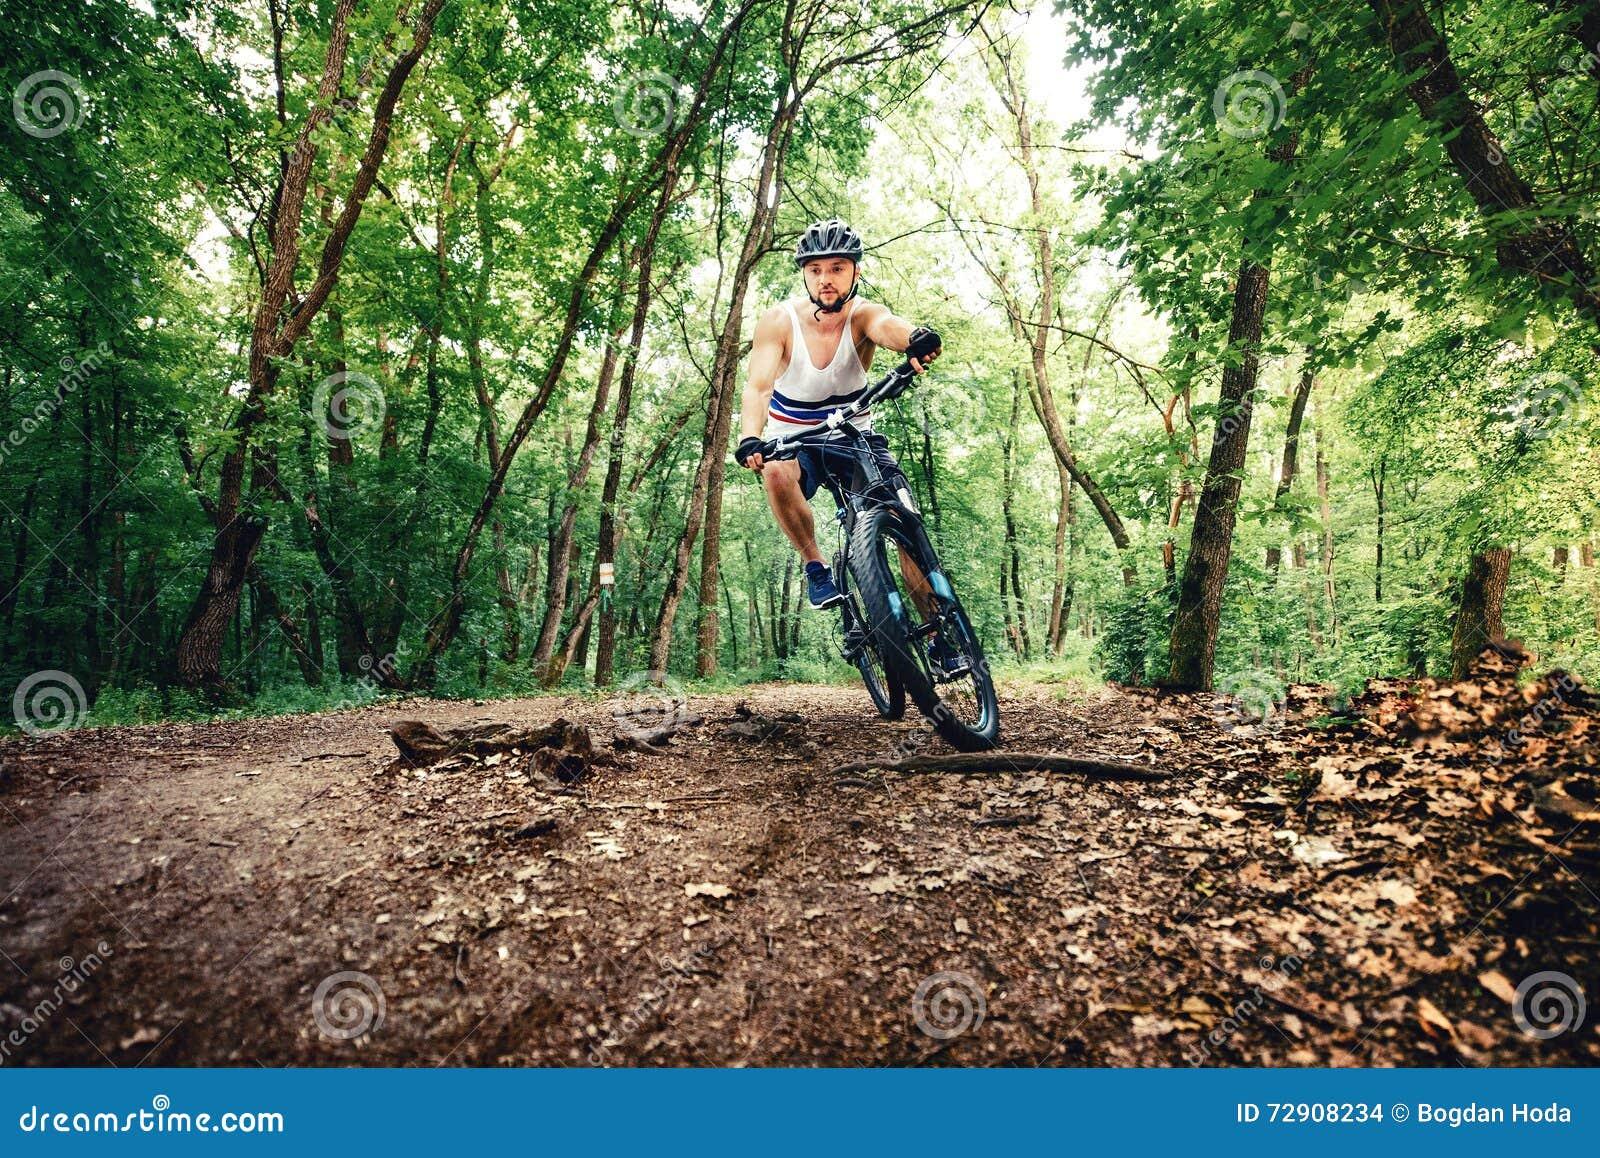 Ποδηλάτης Professioanl, ακραίος αθλητισμός, ποδηλάτης στο ποδήλατο στο ίχνος βουνών